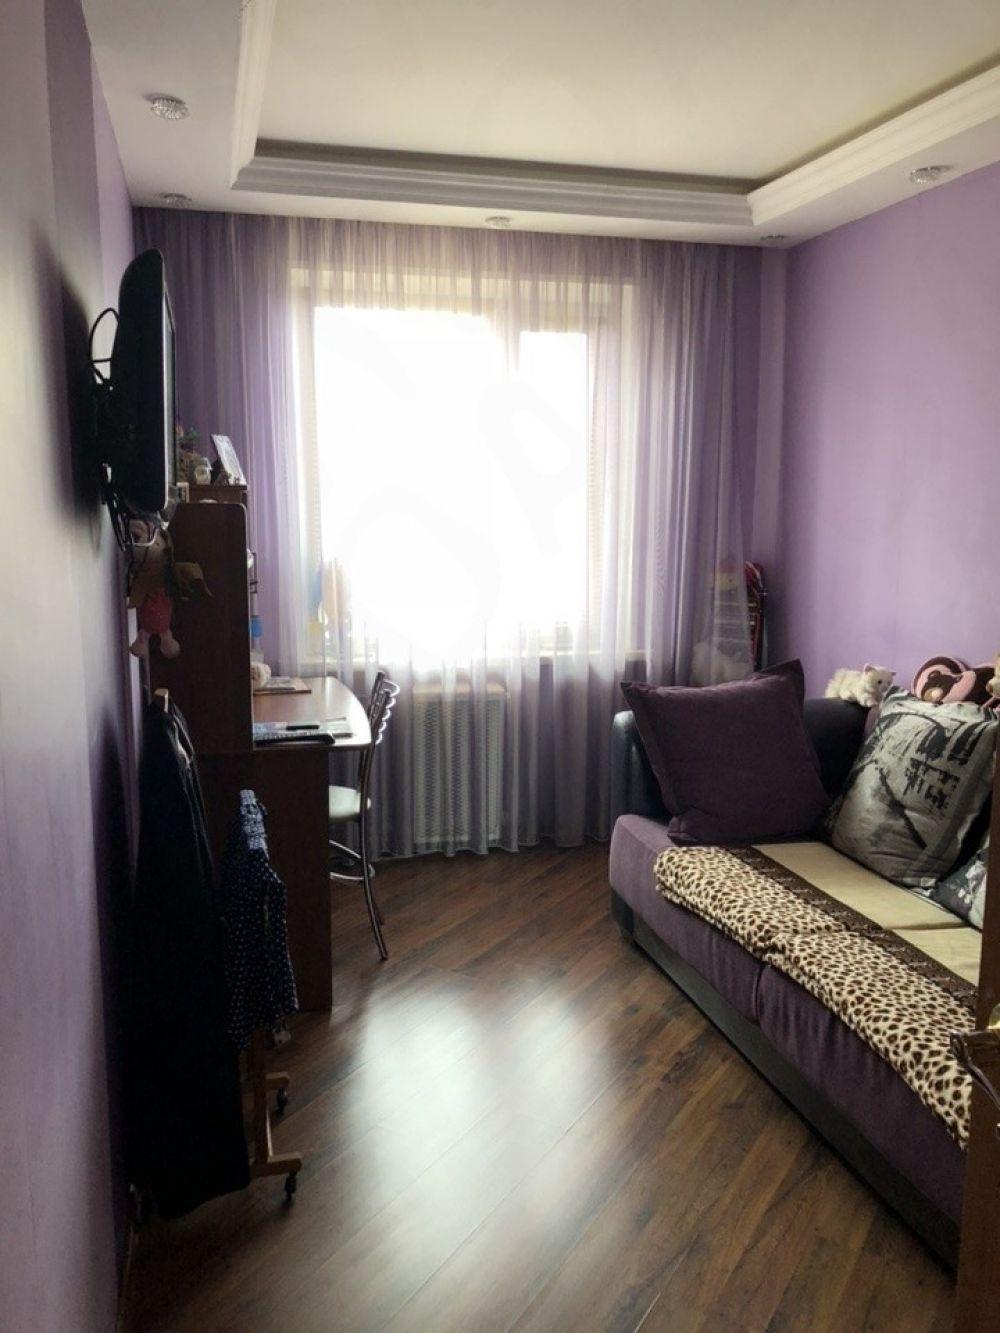 Продается 2-к квартира Щелково ул.Талсинская дом 8, фото 2